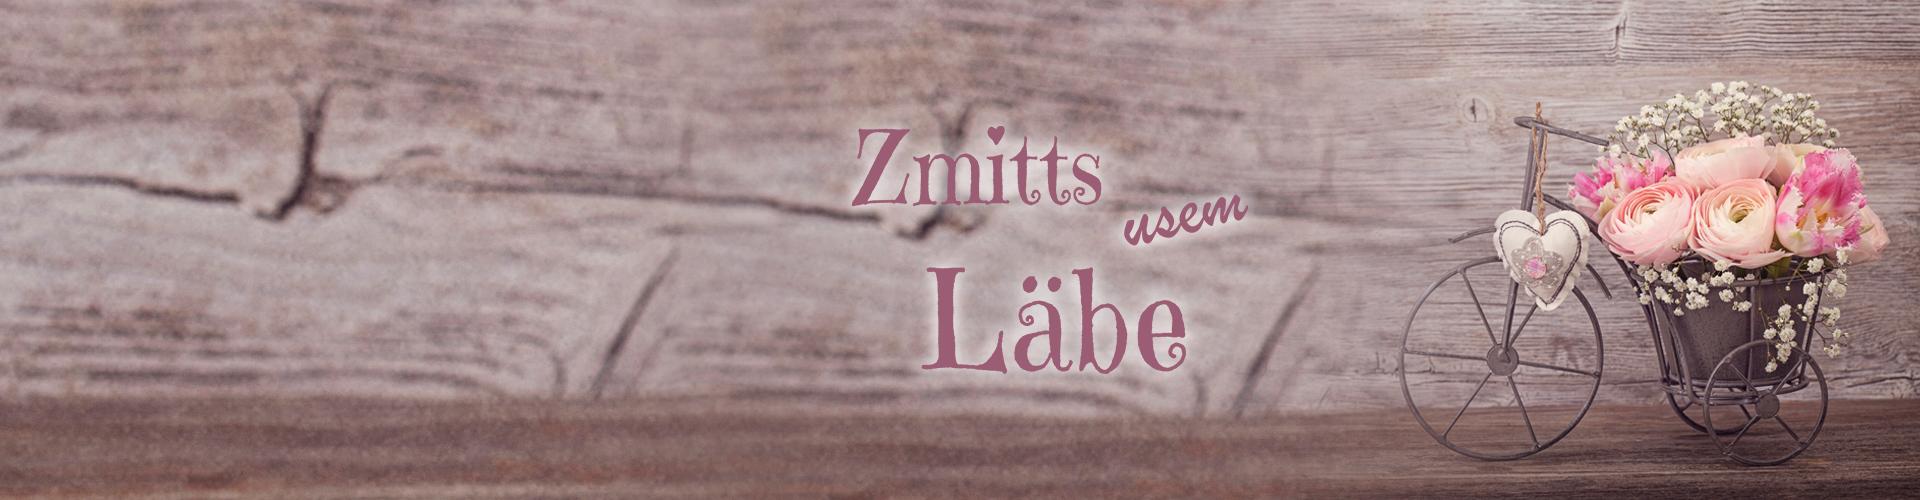 Slider Regionaler Frauenabend Zentralschweiz 2019